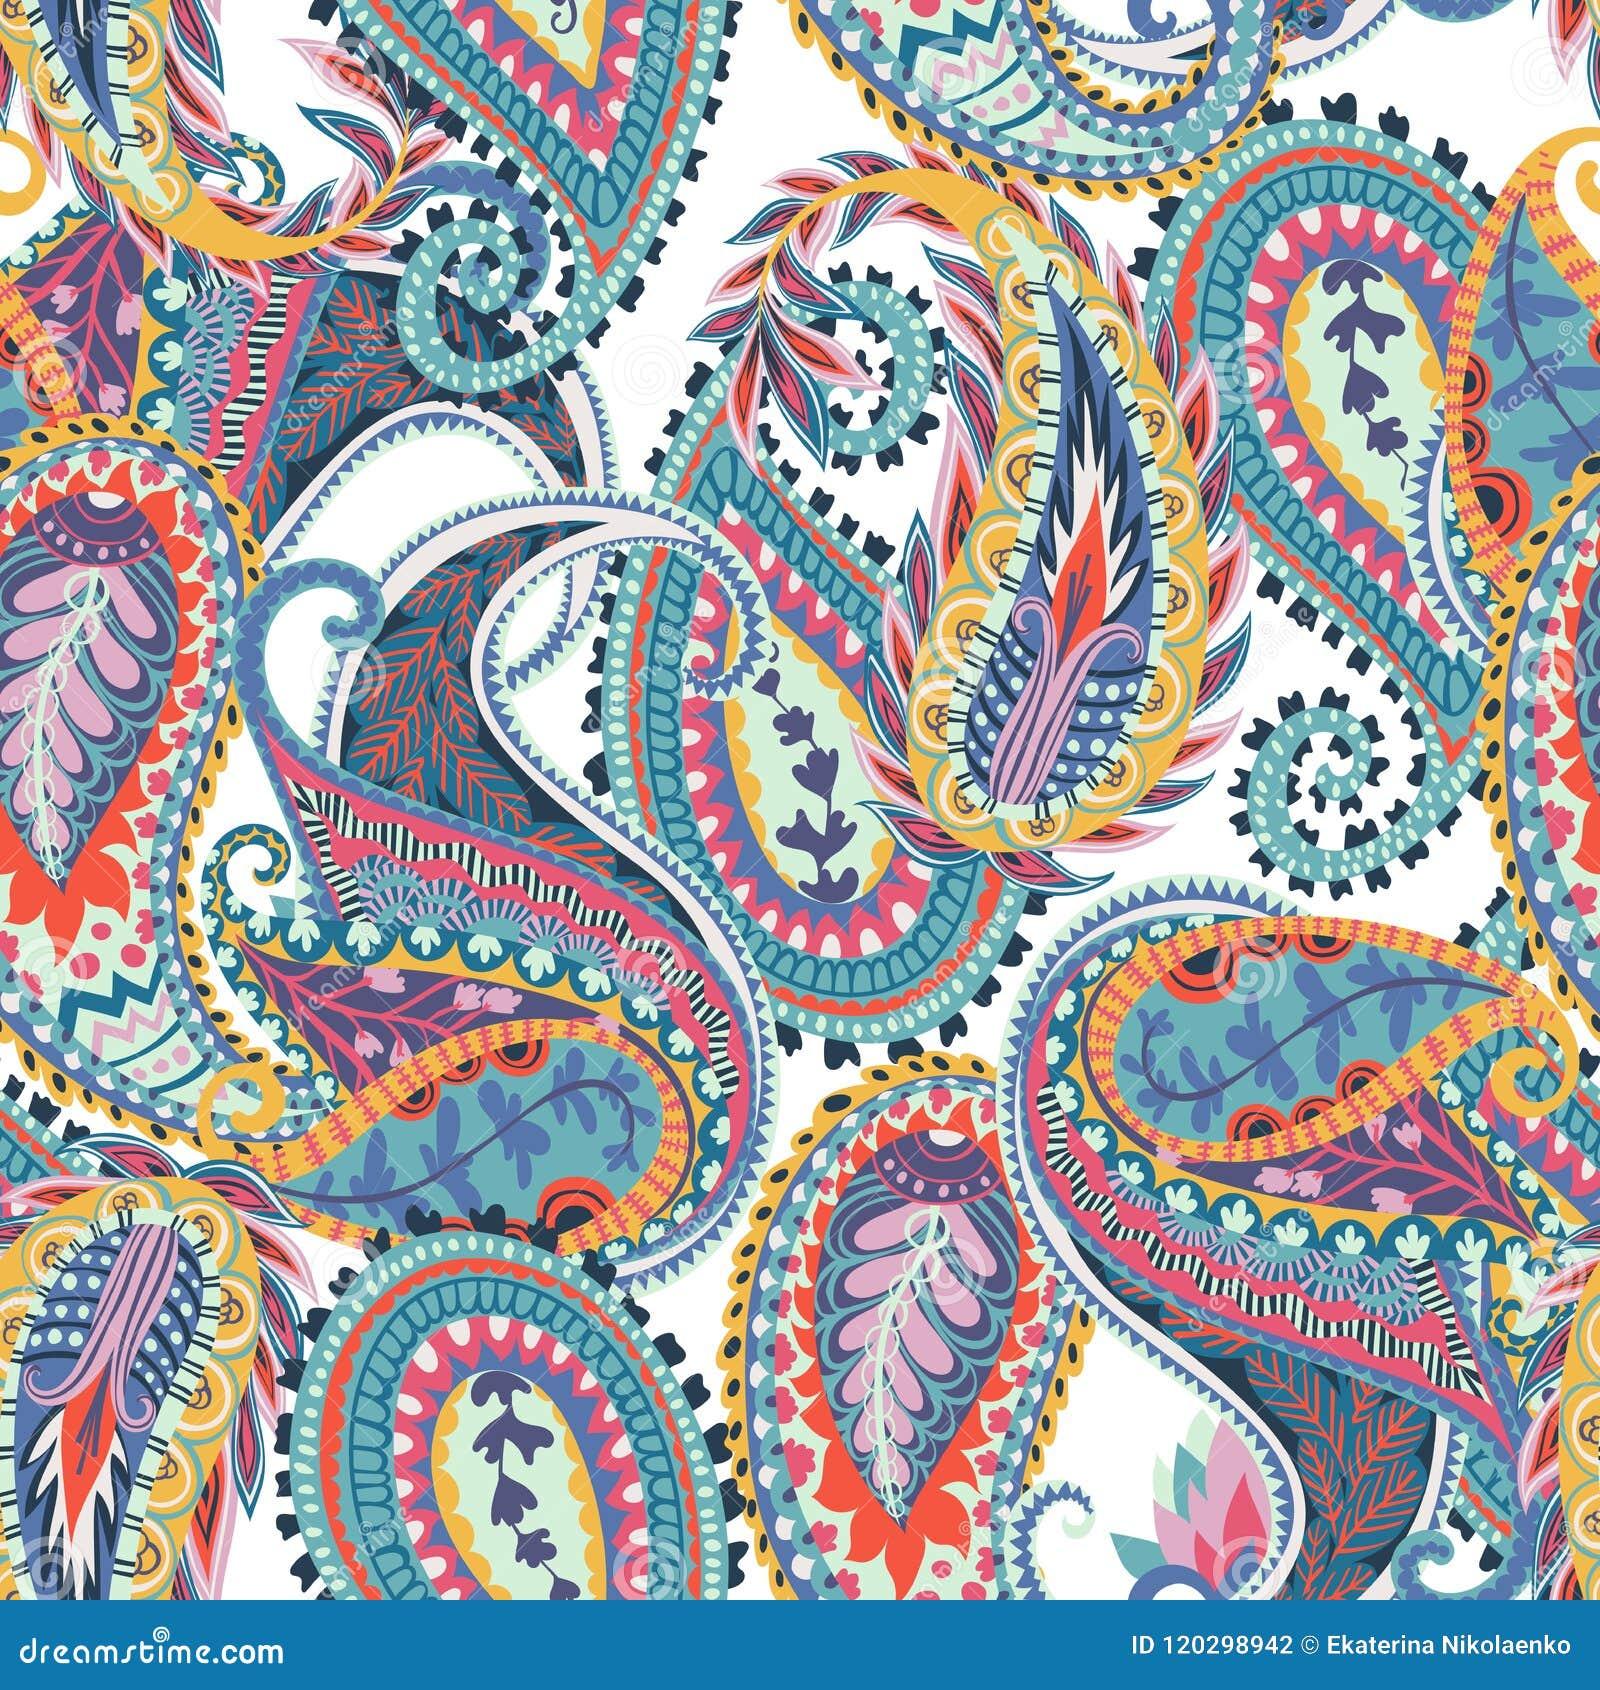 Naadloos Paisley patroon Oosters ontwerp voor stof, drukken, verpakkend document, kaart, uitnodiging, behang